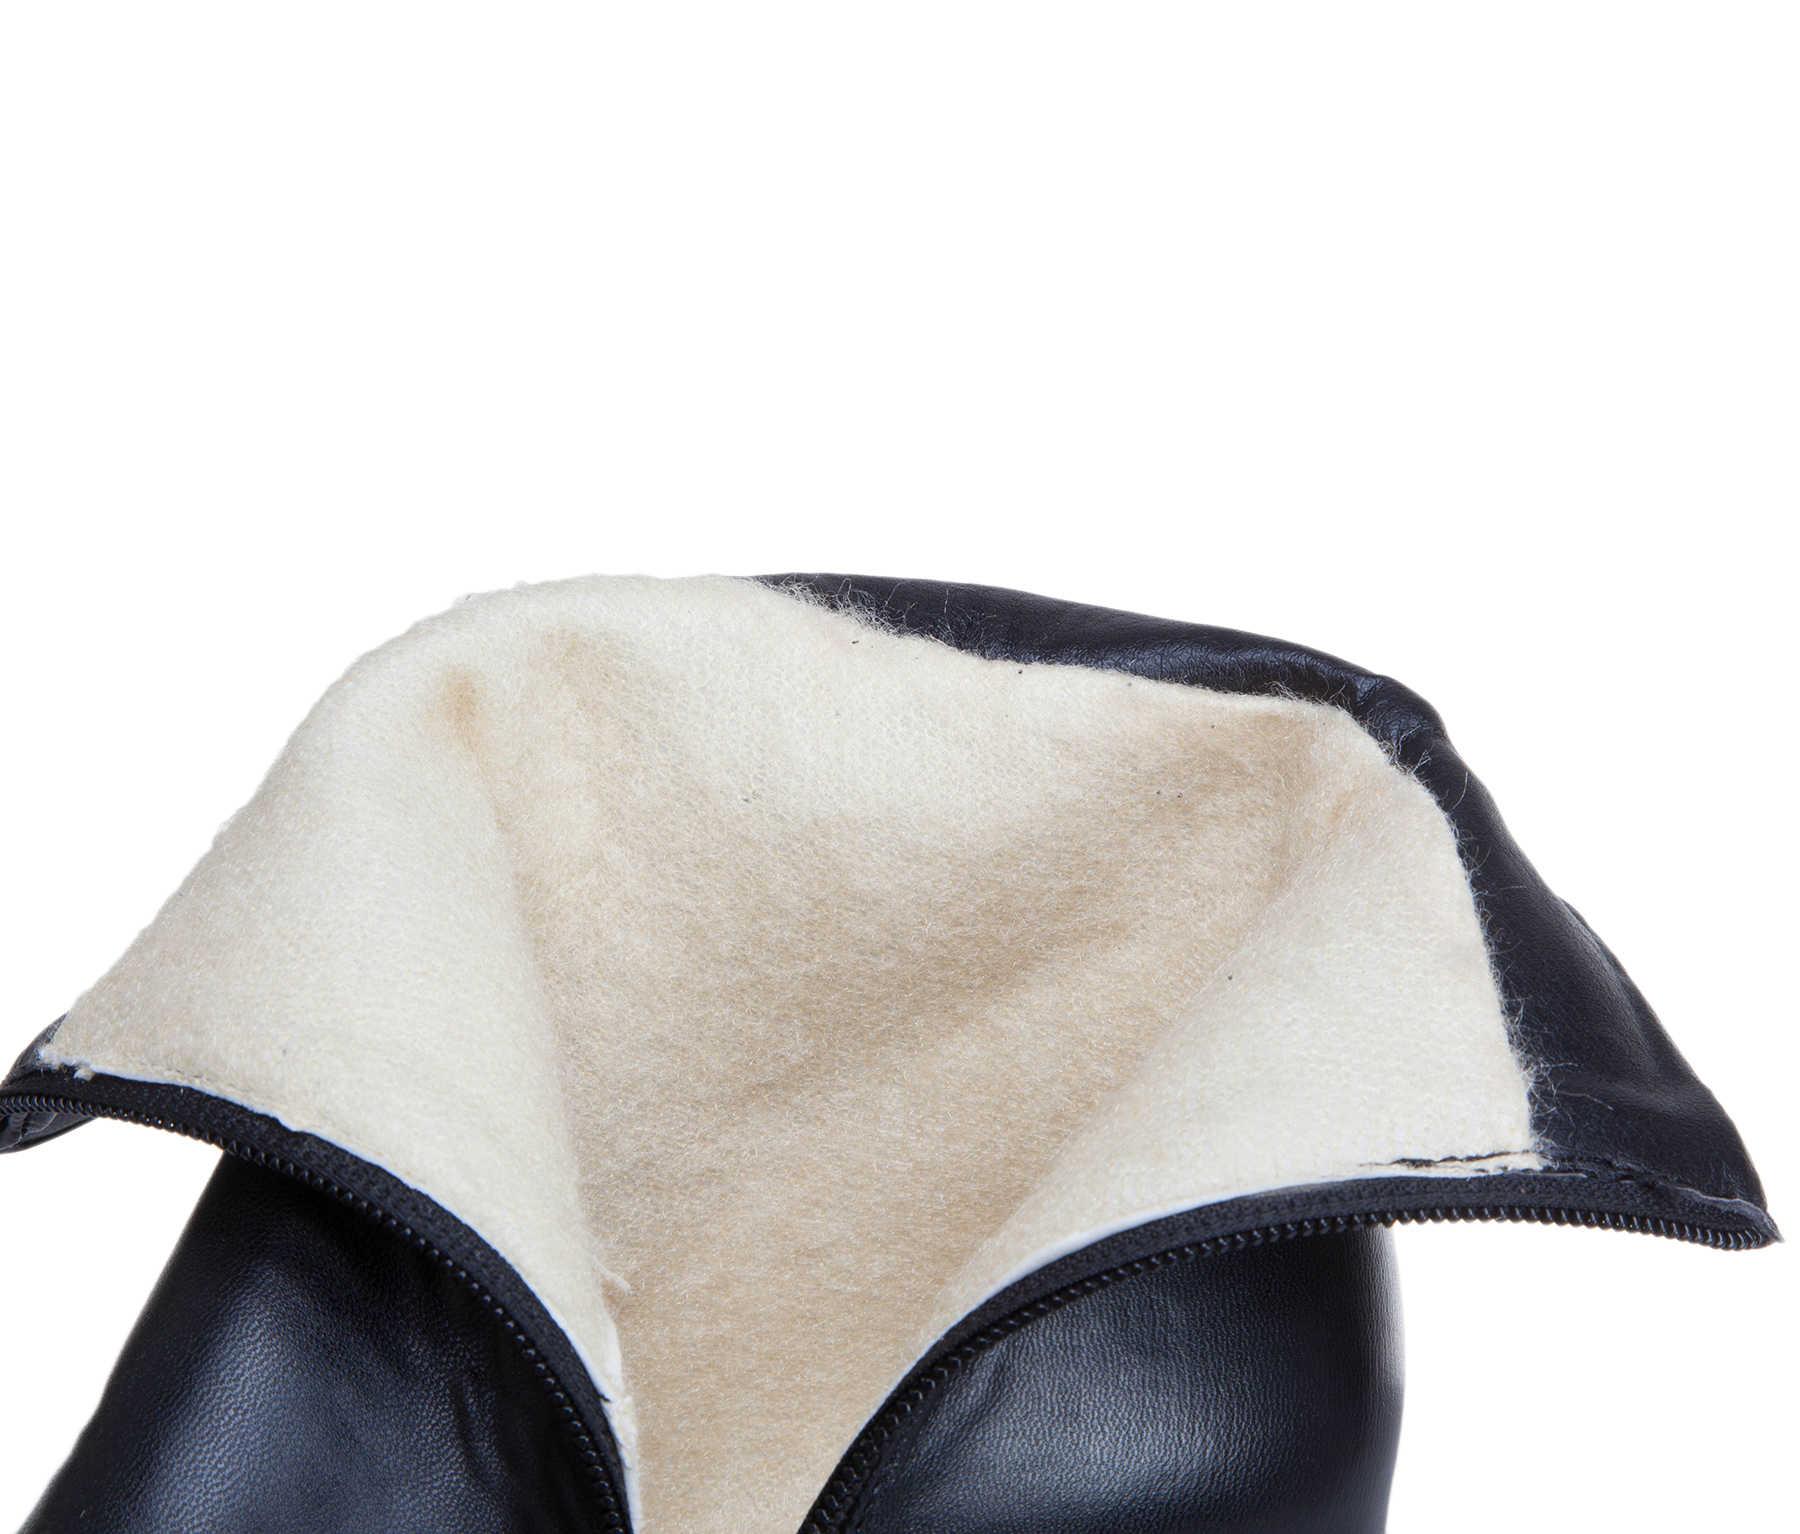 Bayan yarım çizmeler yüksek topuklu çizmeler fermuar yuvarlak ayak kış bayan botları beyaz sarı siyah çizmeler kadın 2019 yeni ayakkabı